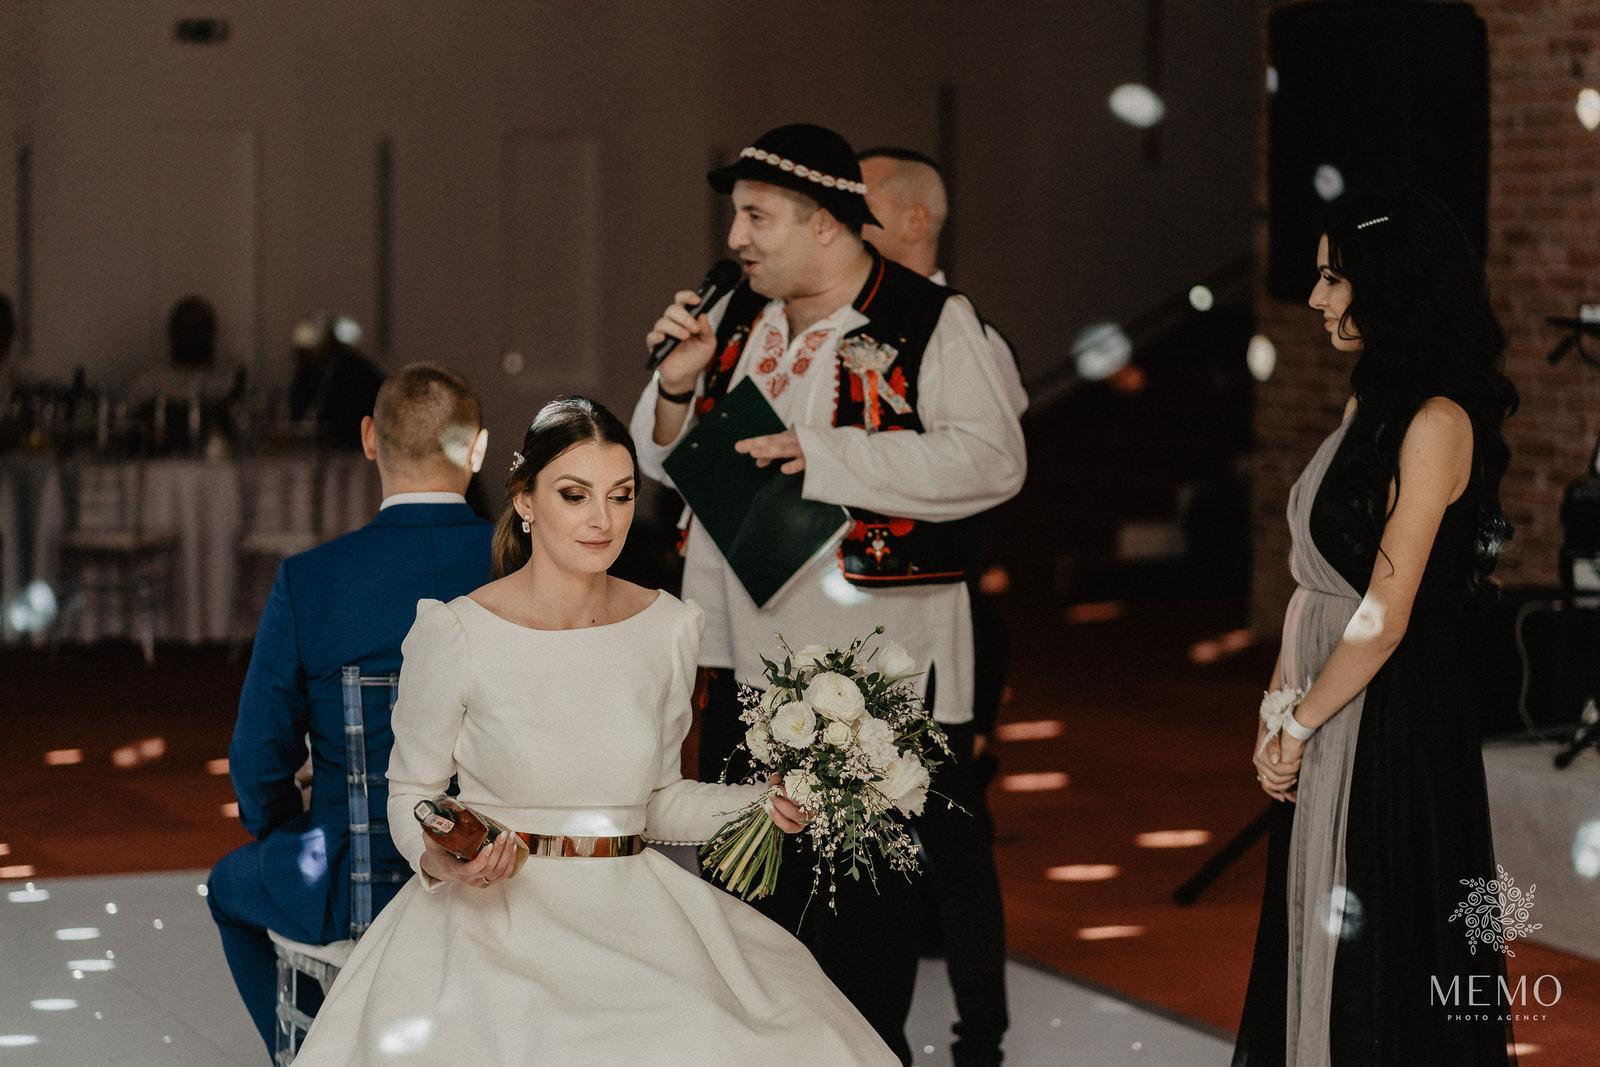 Milana sme pred svadbou... - Obrázok č. 4